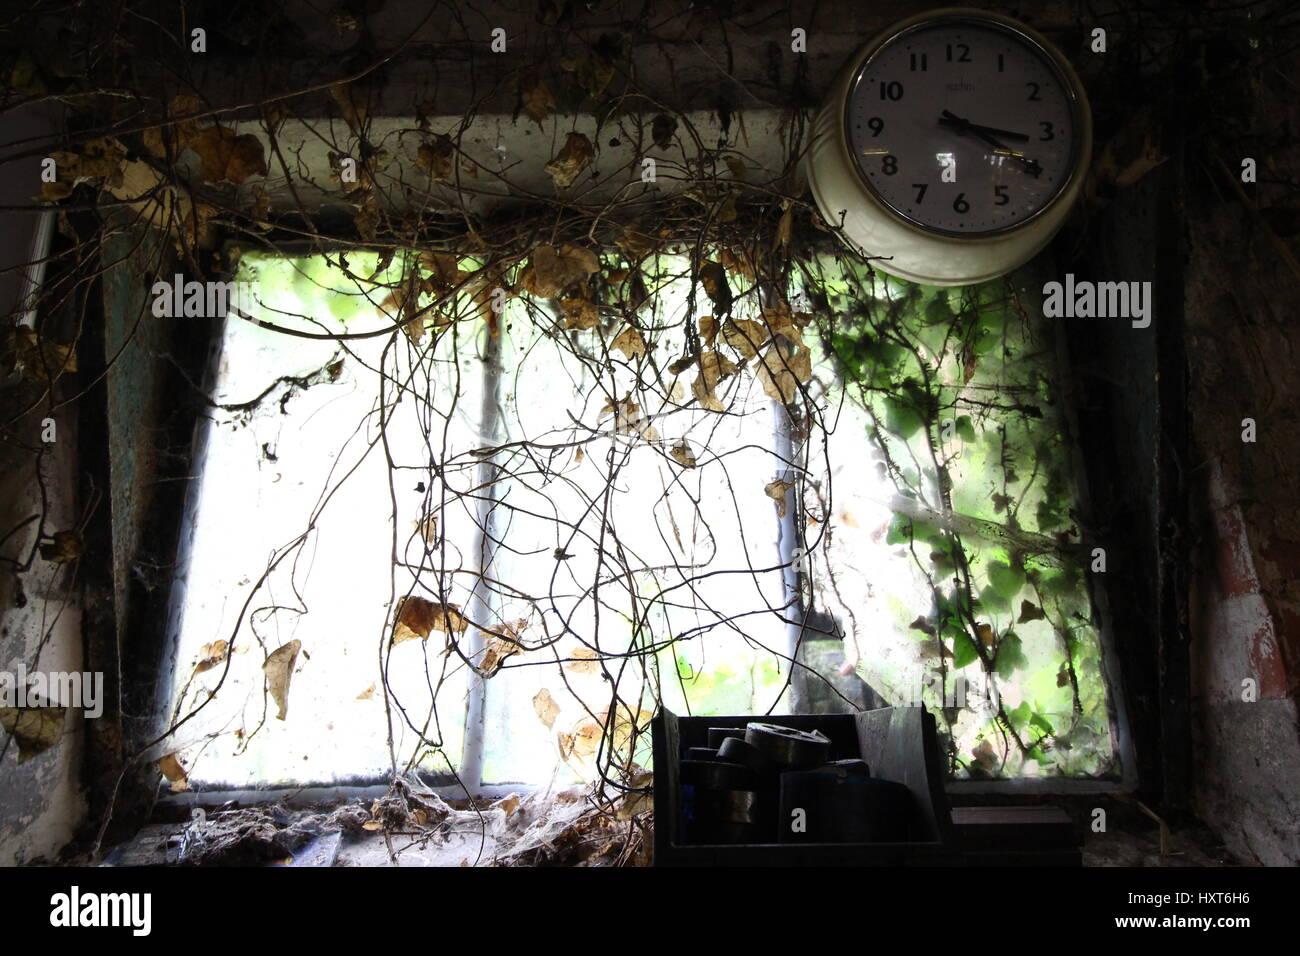 Overgrown Window Imágenes De Stock & Overgrown Window Fotos De Stock ...